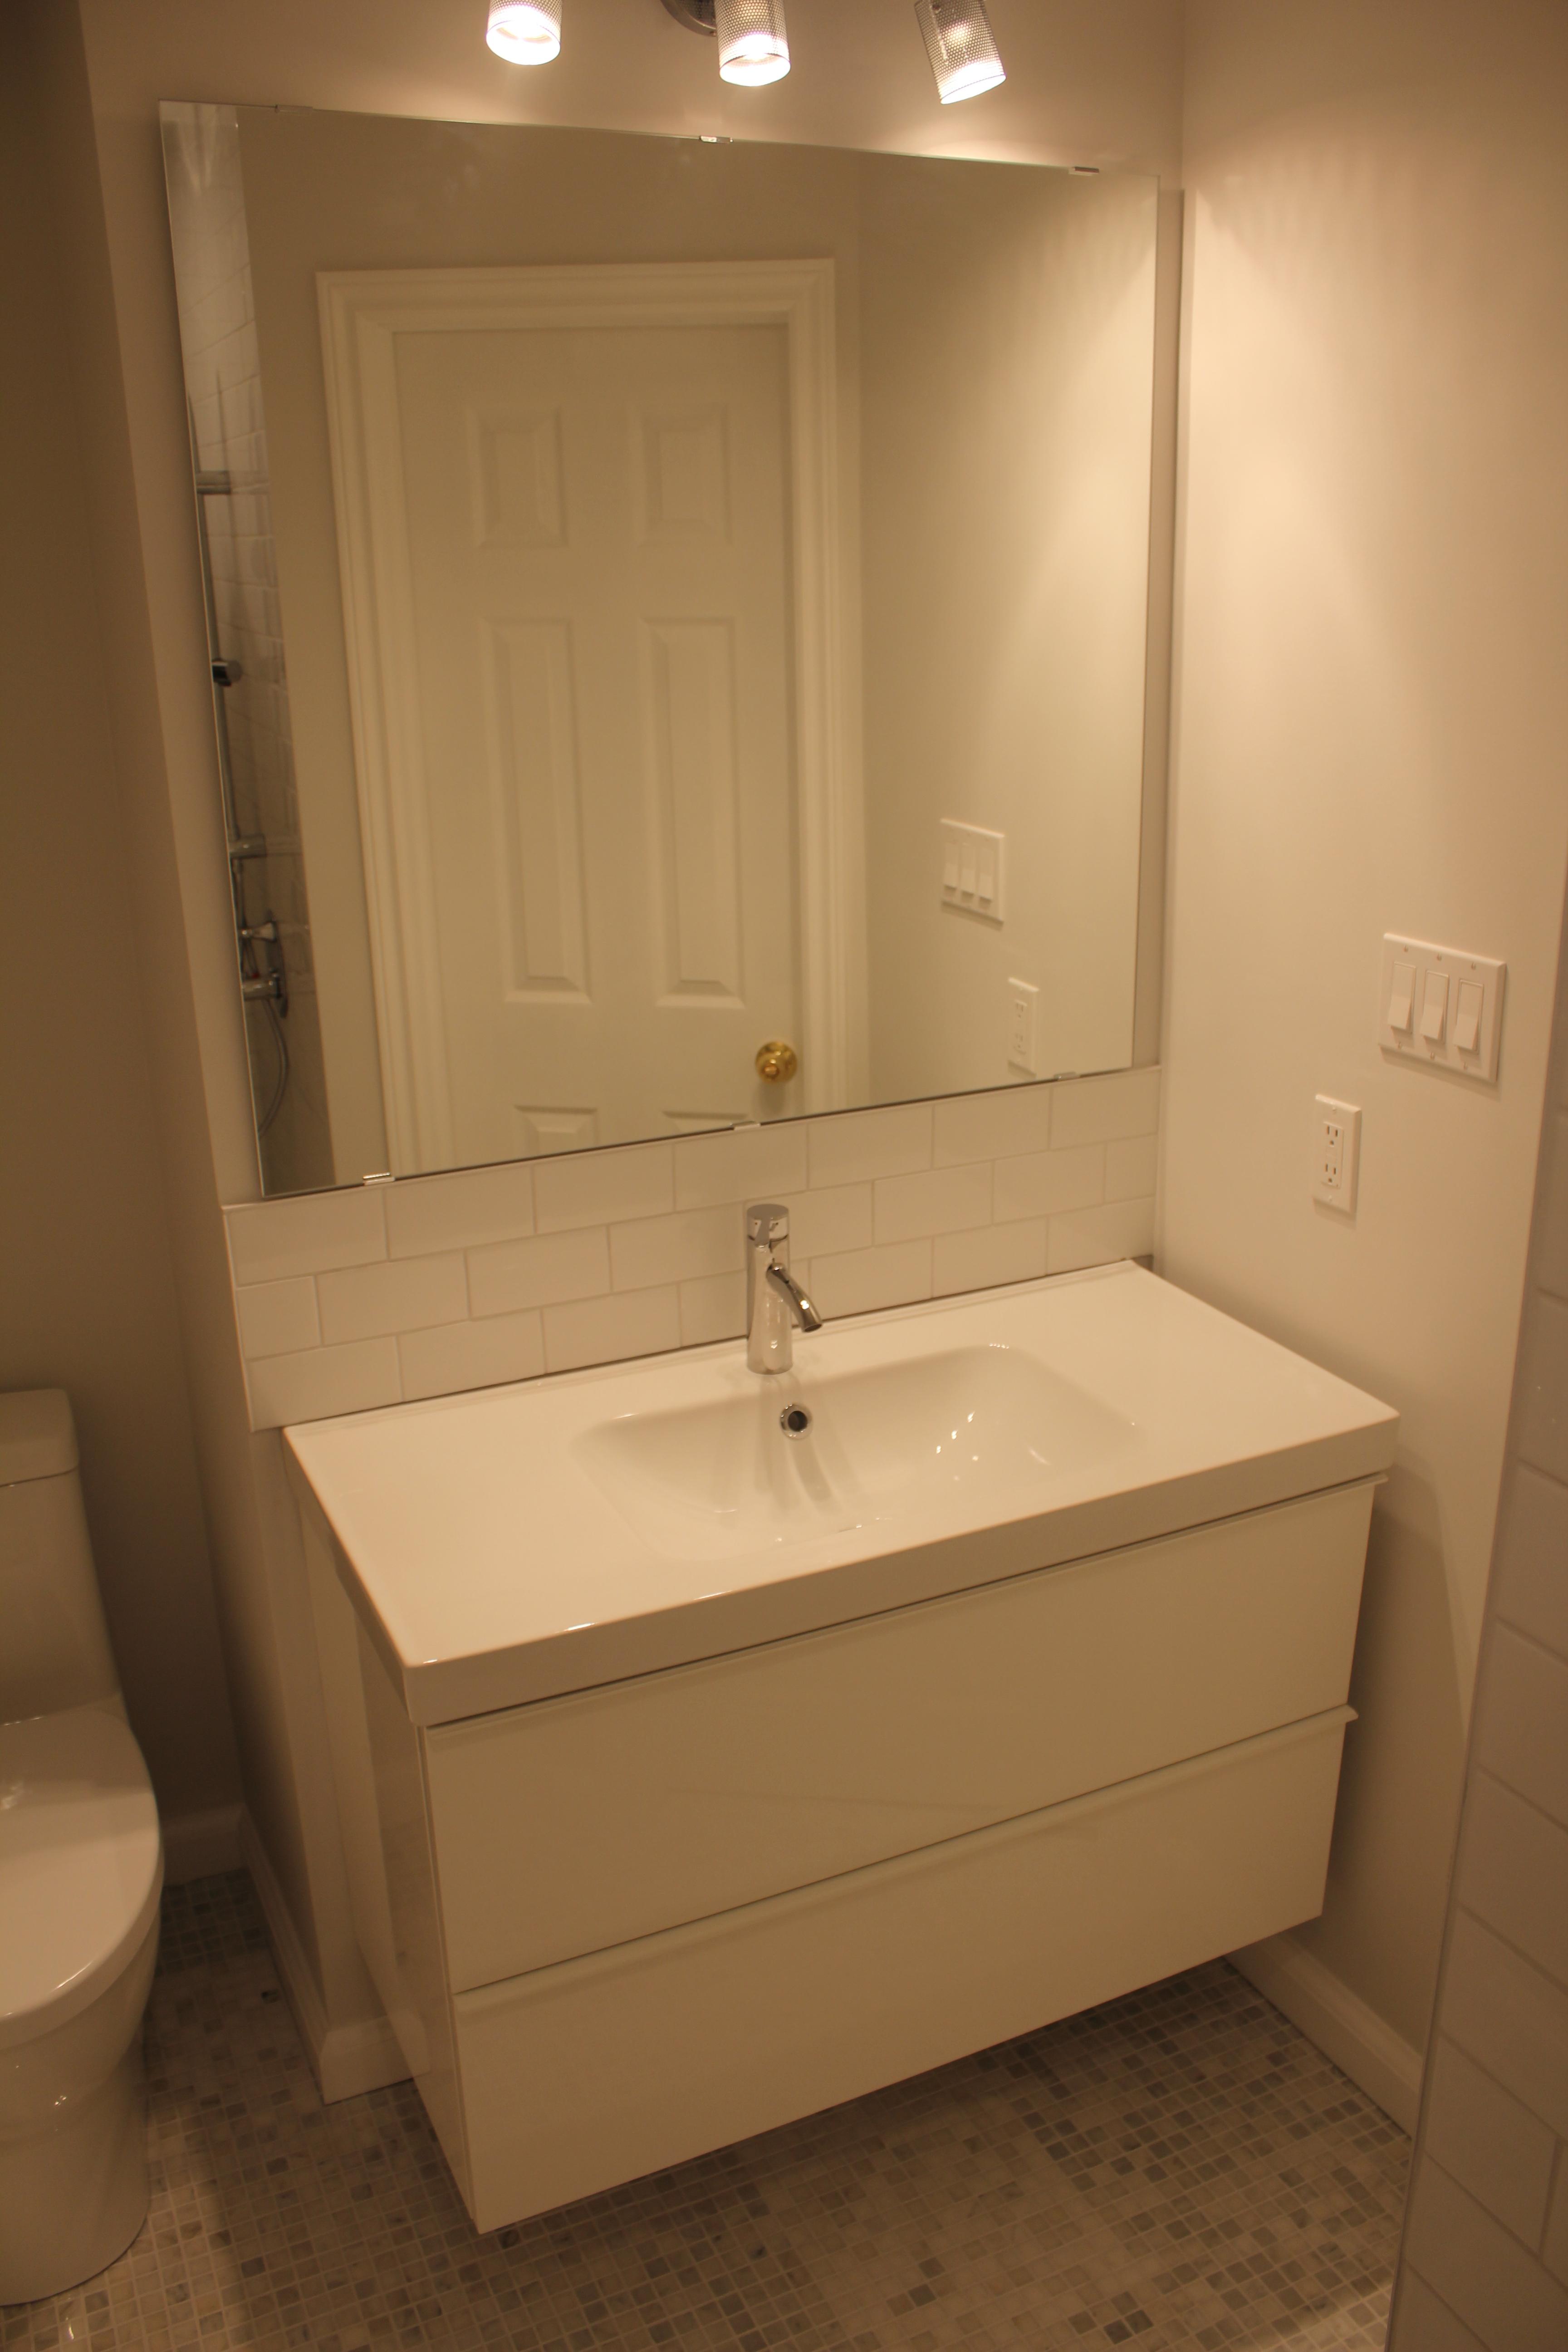 Bathroom Remodeling in Toronto (Queen West) | Toronto ...